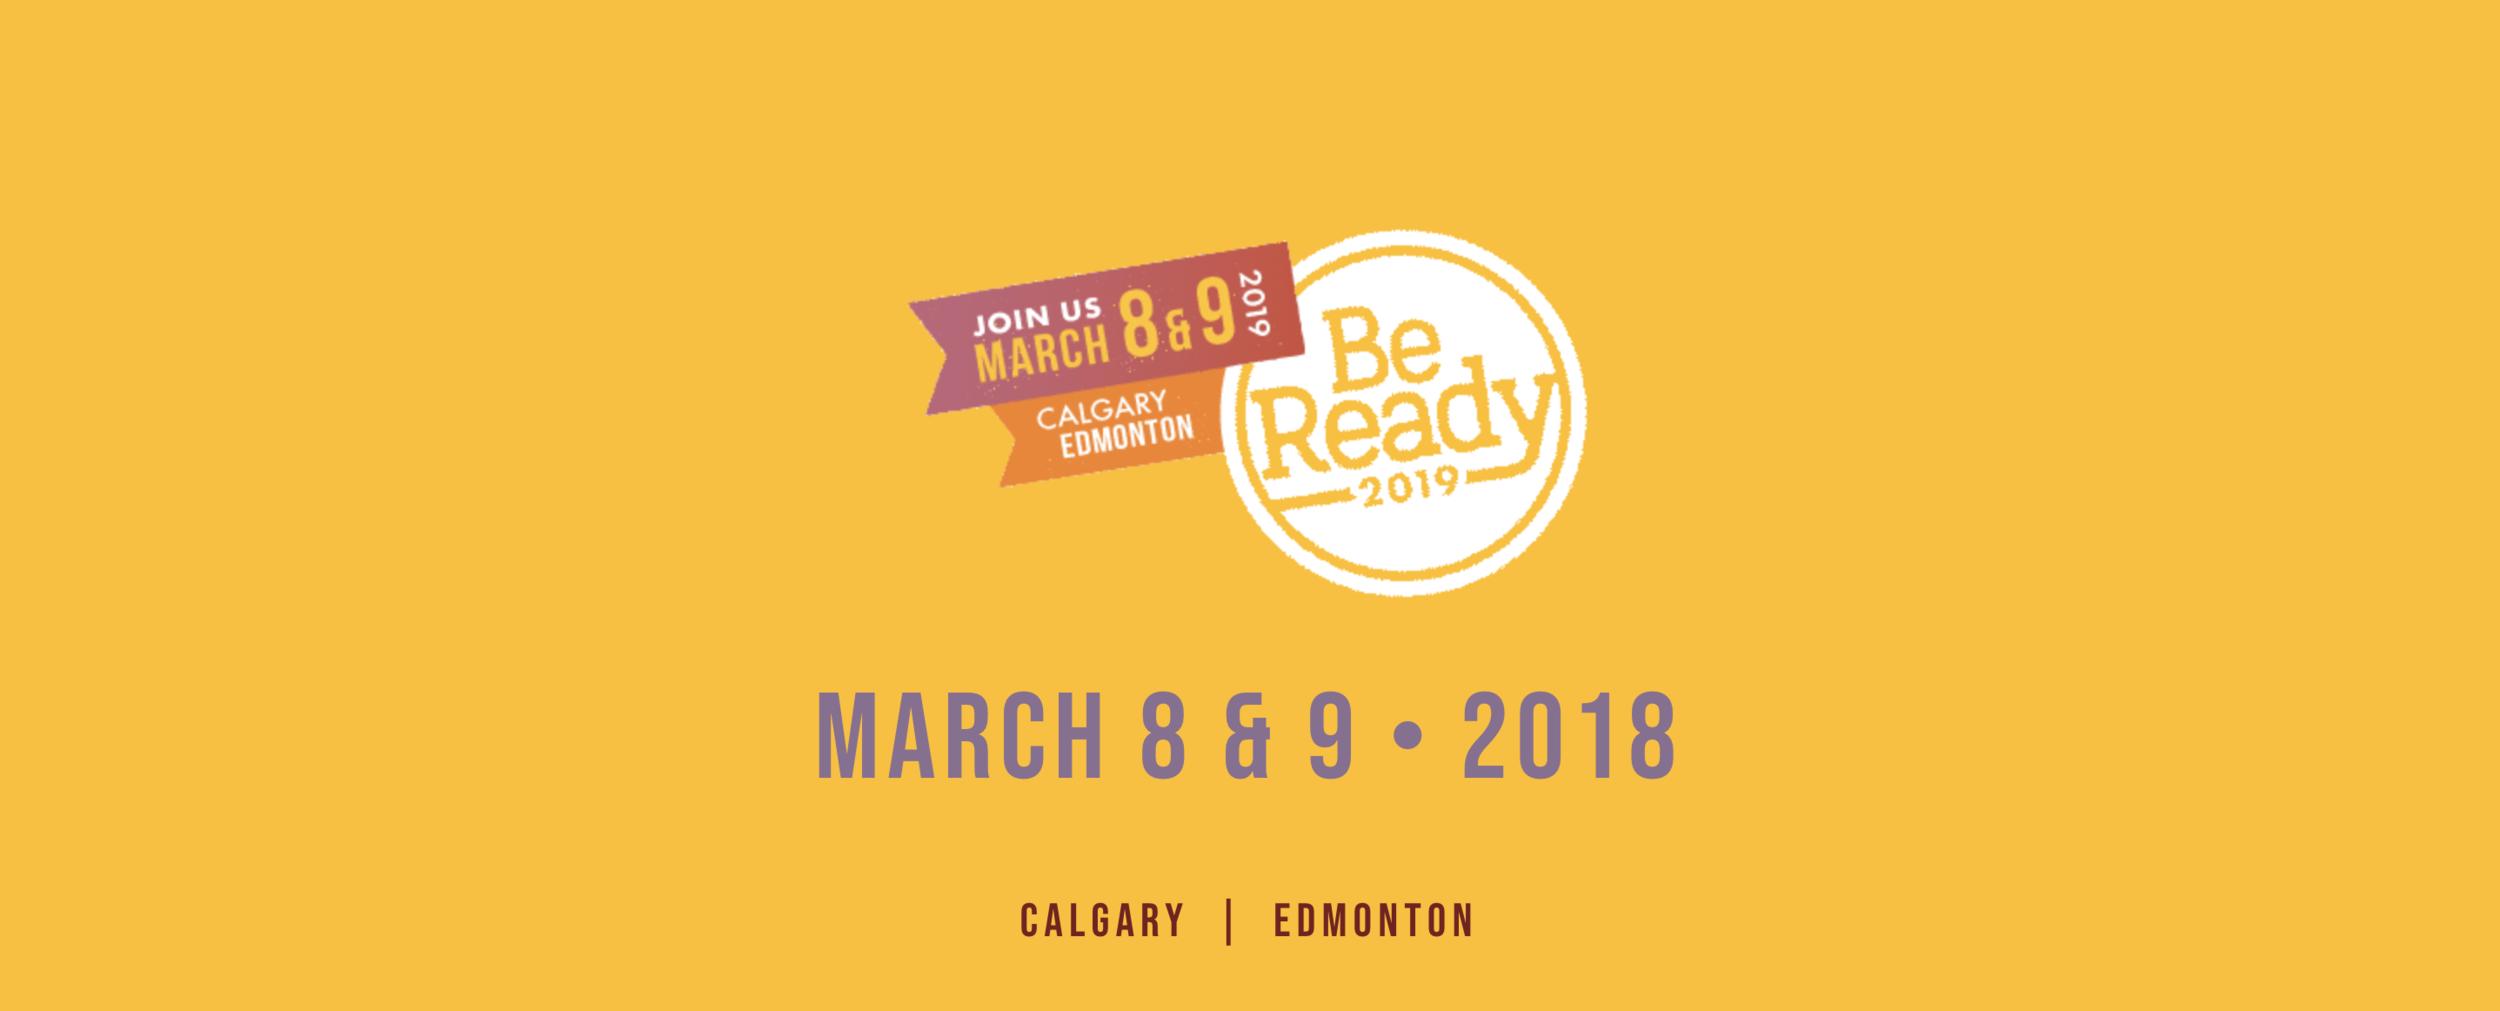 Be Ready 2019: Finding God in Science - https://www.bereadyalberta.ca/